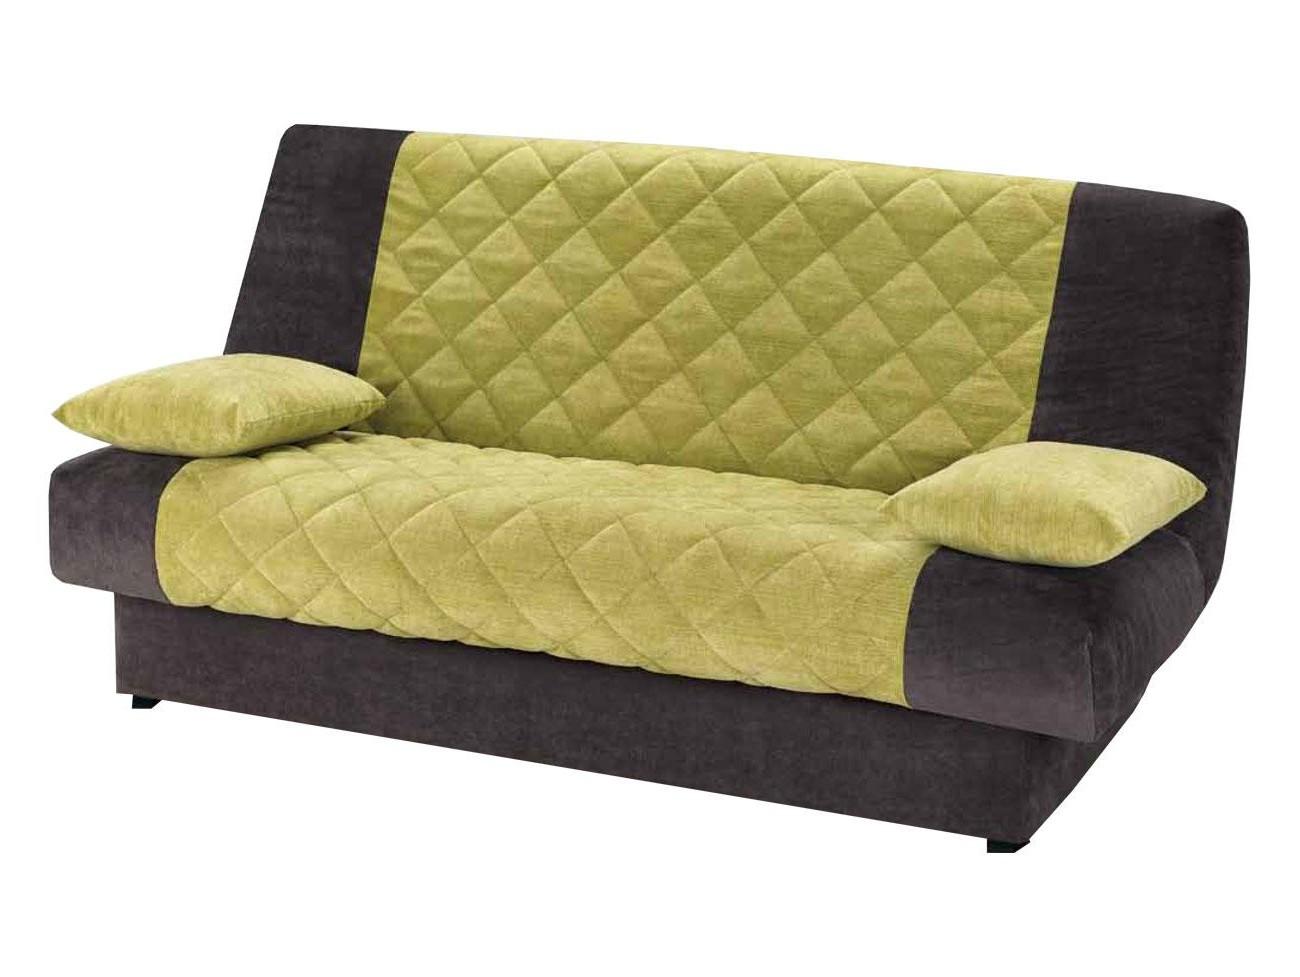 Canape Lit Clic Clac Ikea